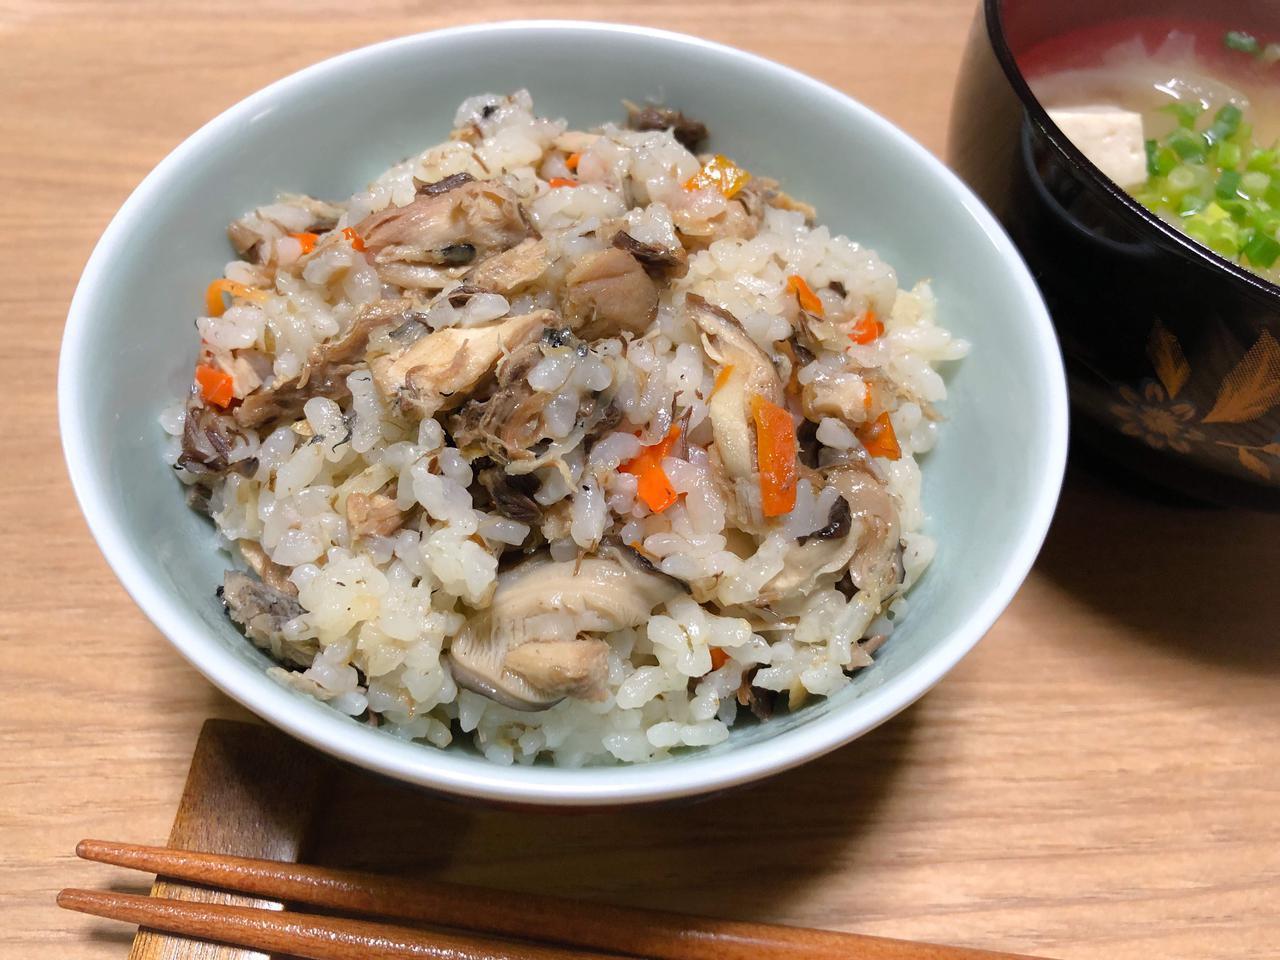 画像: 【缶詰レシピ5選】サバ缶でアレンジ料理!炊き込みご飯やパスタもおいしく作れる - ハピキャン(HAPPY CAMPER)